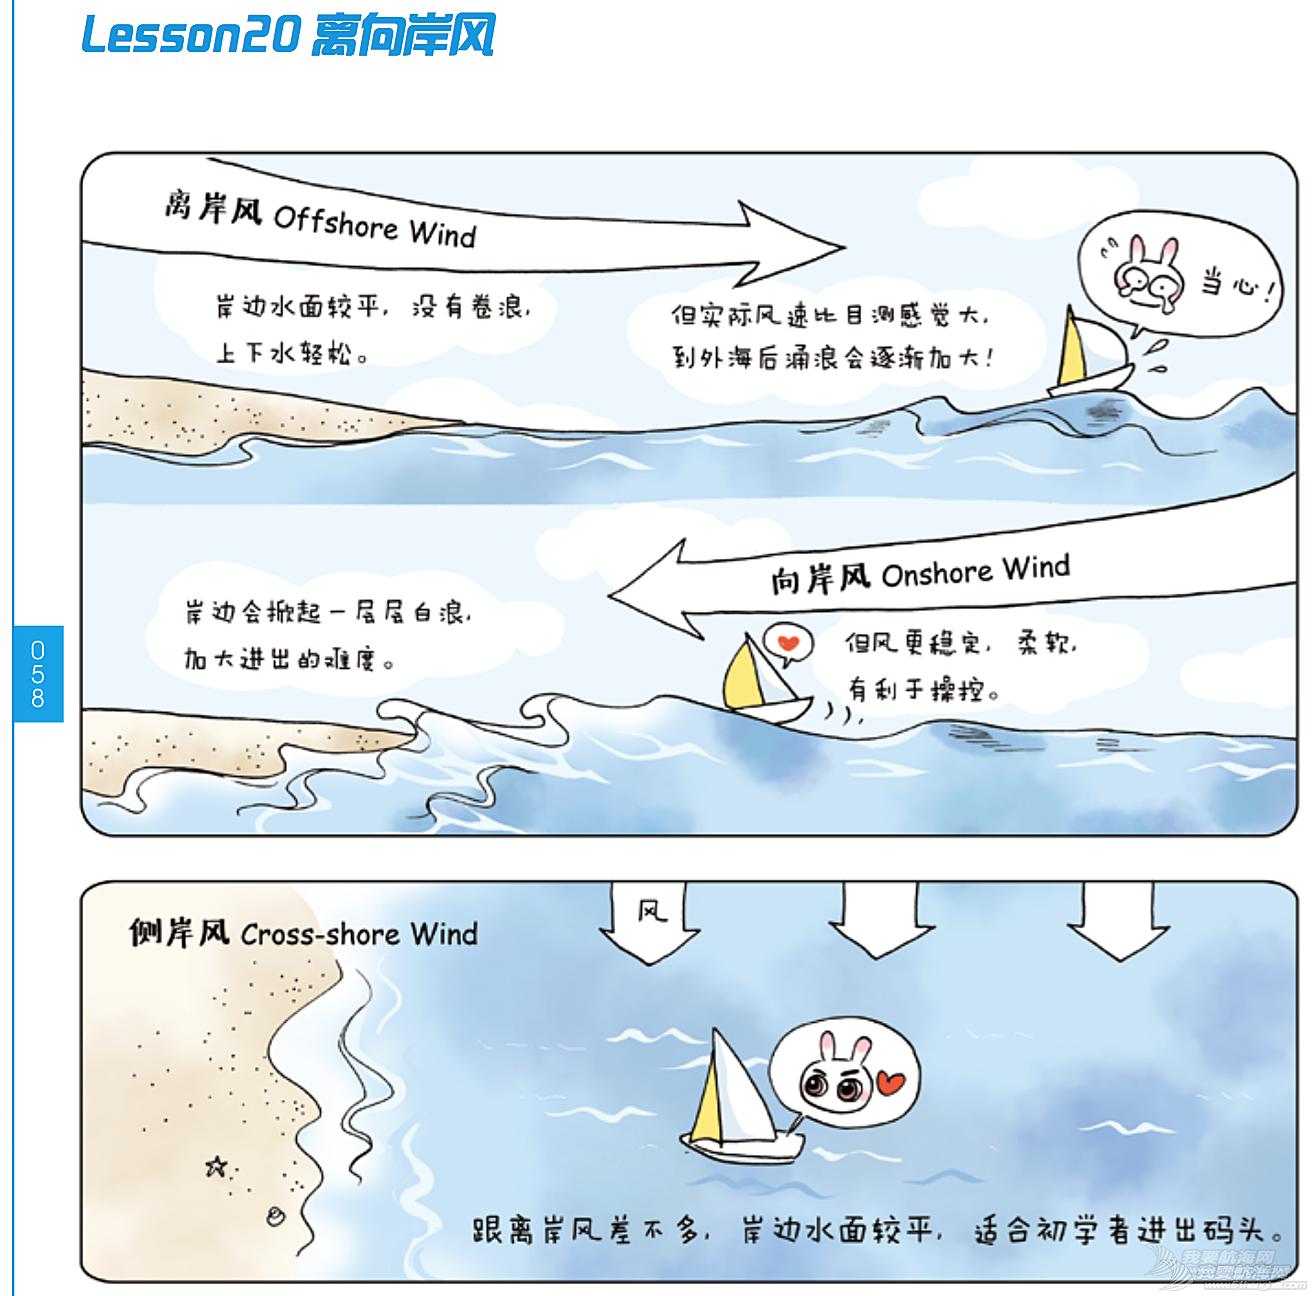 连载,奥运冠军,帆船 《跟奥运冠军学帆船》Lesson 20 离向岸风